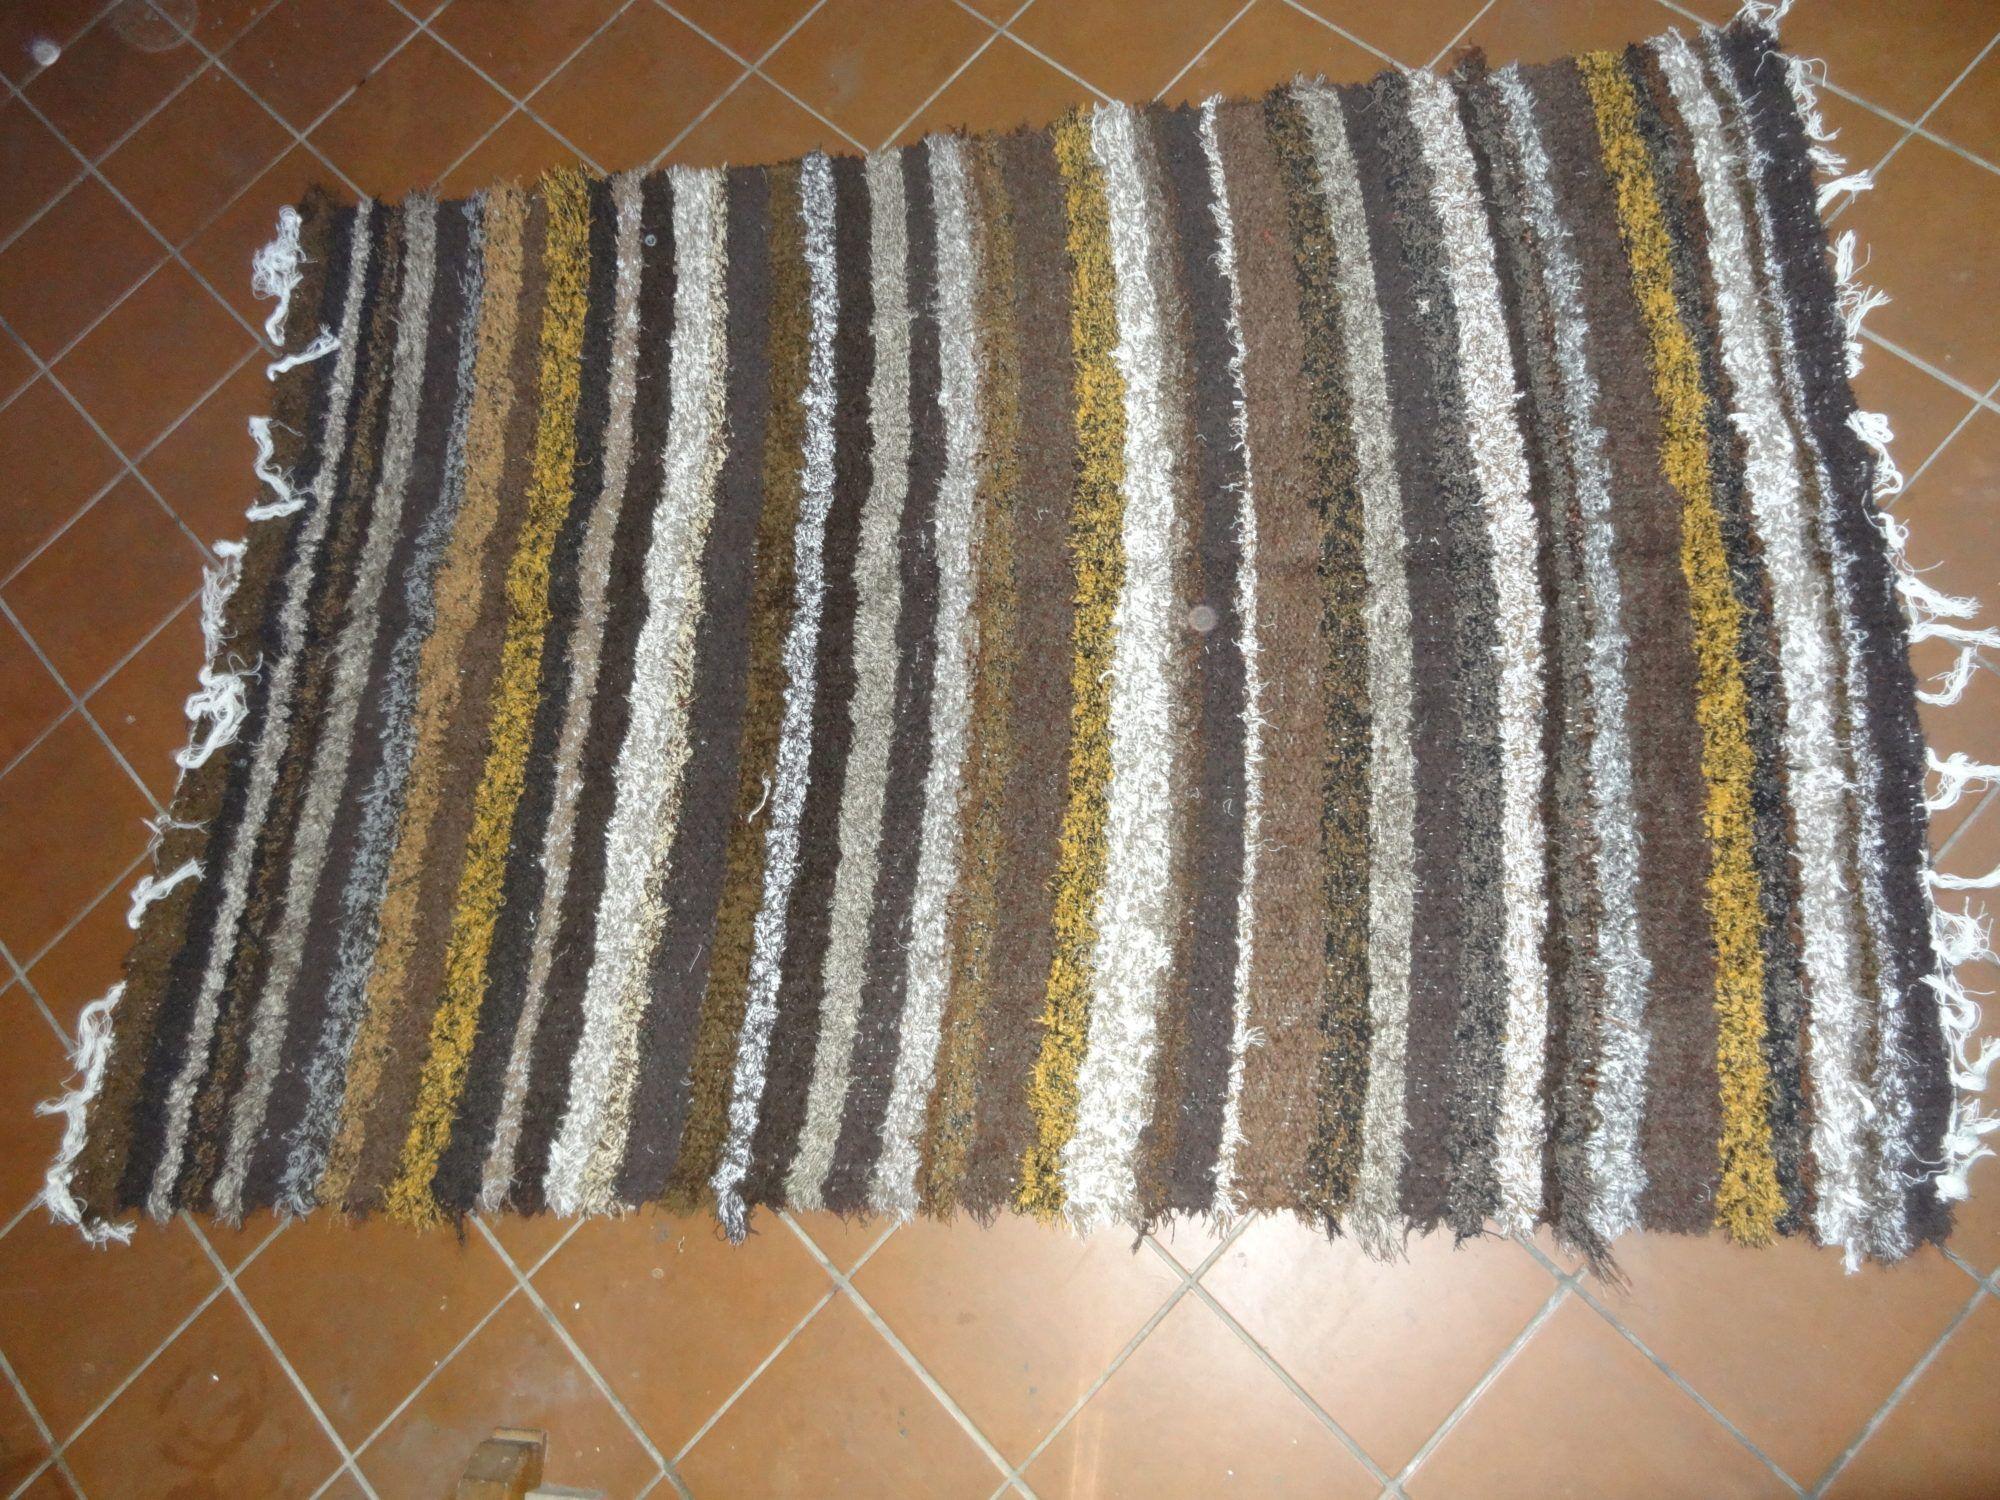 jarapa, alfombra alpujarreña en tonos marron oscuro de pelo extra